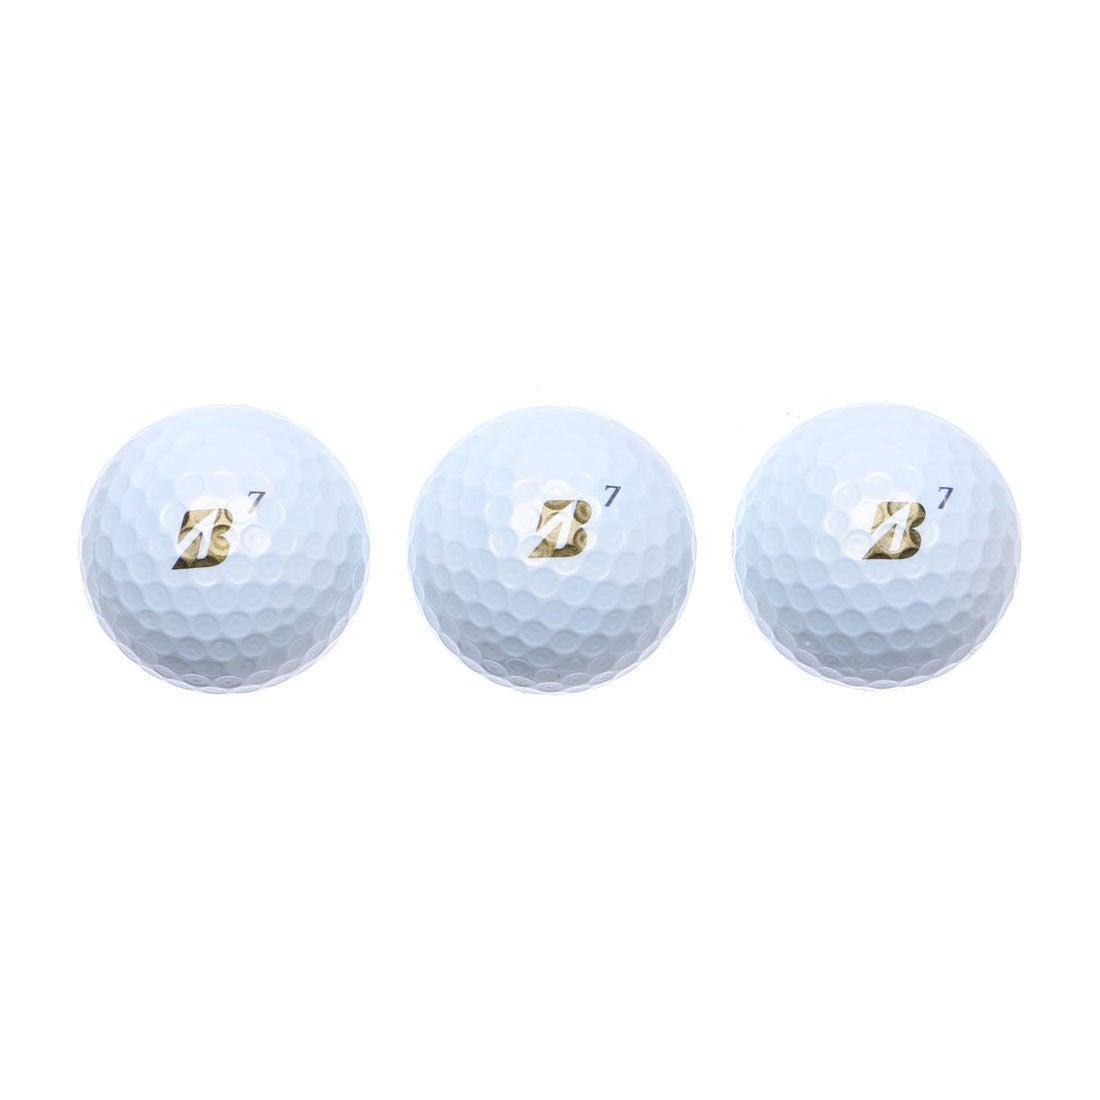 ブリヂストンゴルフ BRIDGESTONE GOLF ゴルフ 公認球 TOUR B XS パールホワイト 8SGXJ